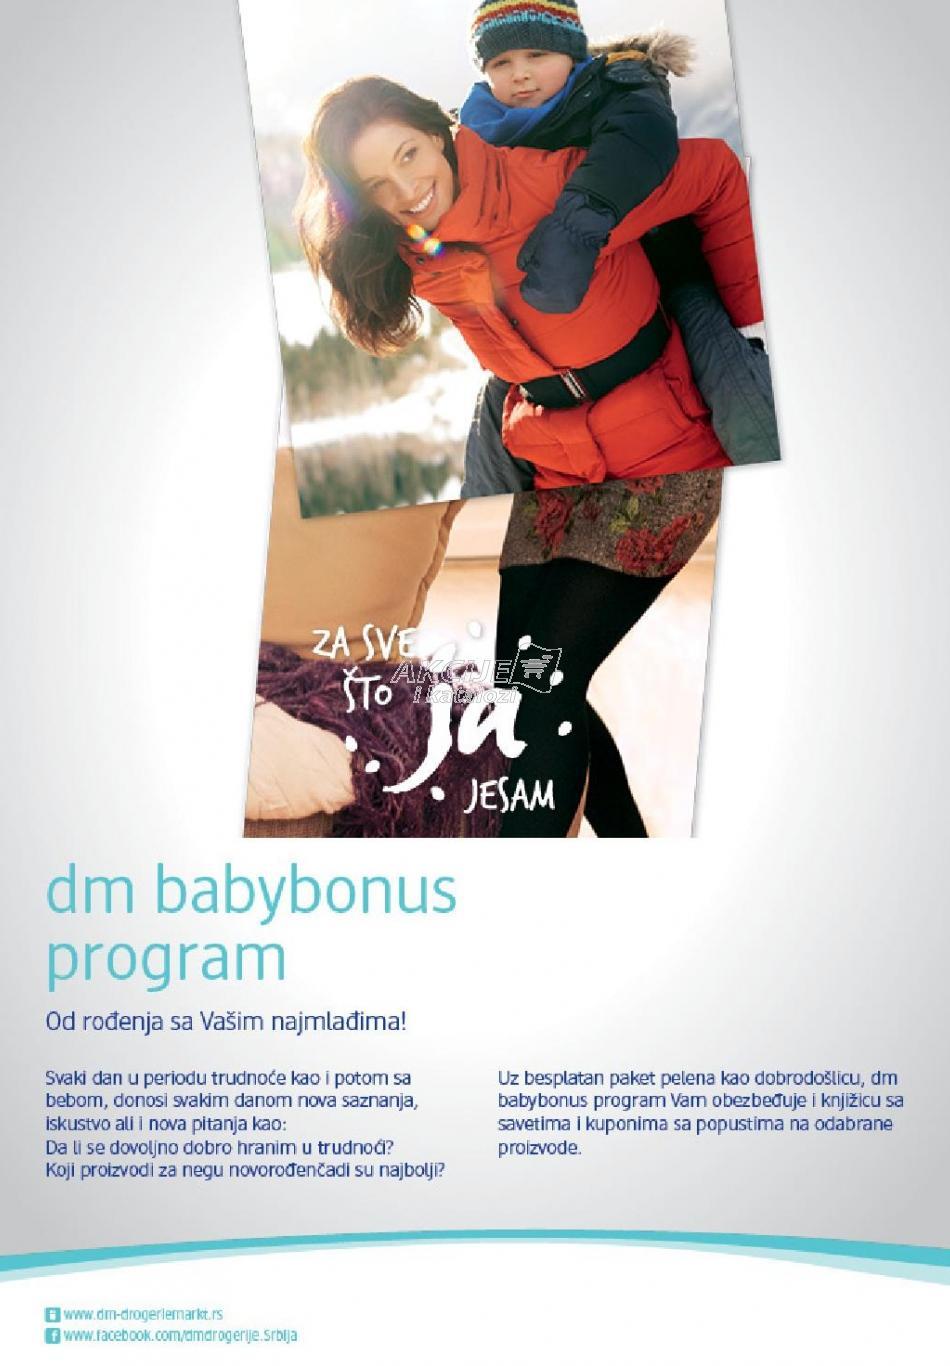 DM baby bonus